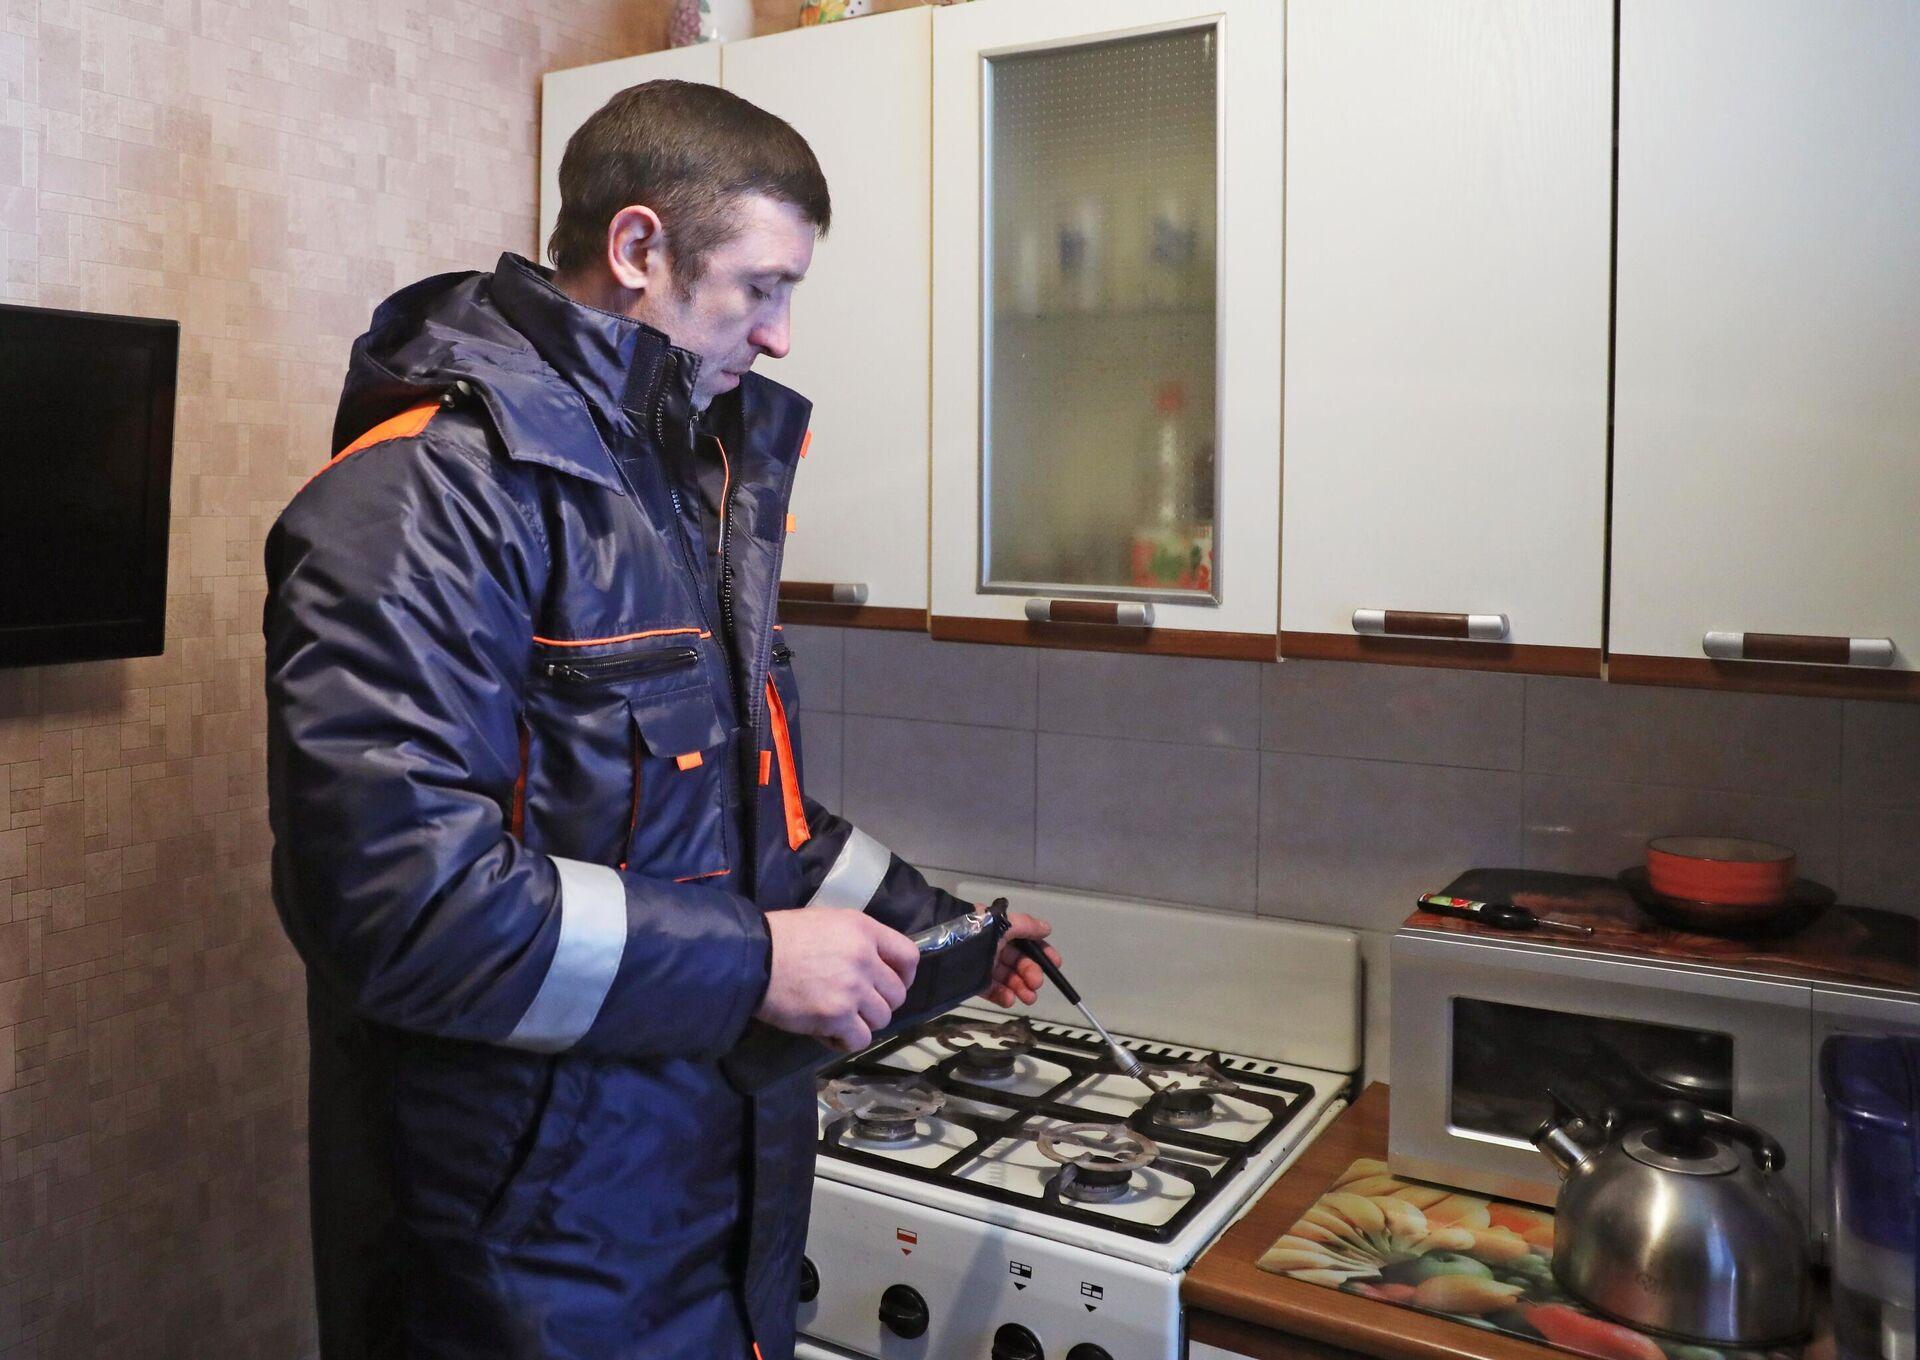 Проверка газового оборудования в жилых домах  - РИА Новости, 1920, 30.06.2021